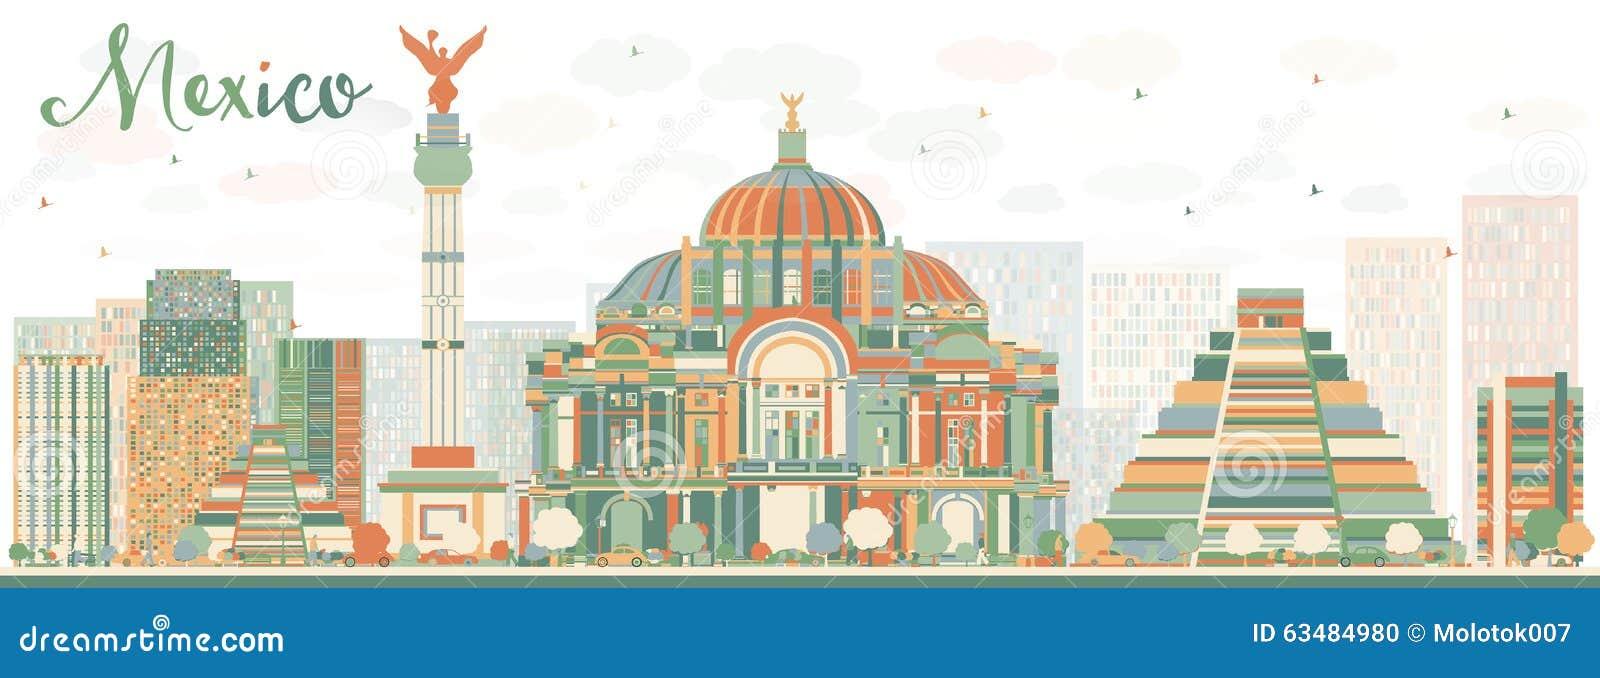 Pasador Ubicación Mapa Gráficos Vectoriales Gratis En: Horizonte Abstracto De México Con Las Señales Del Color